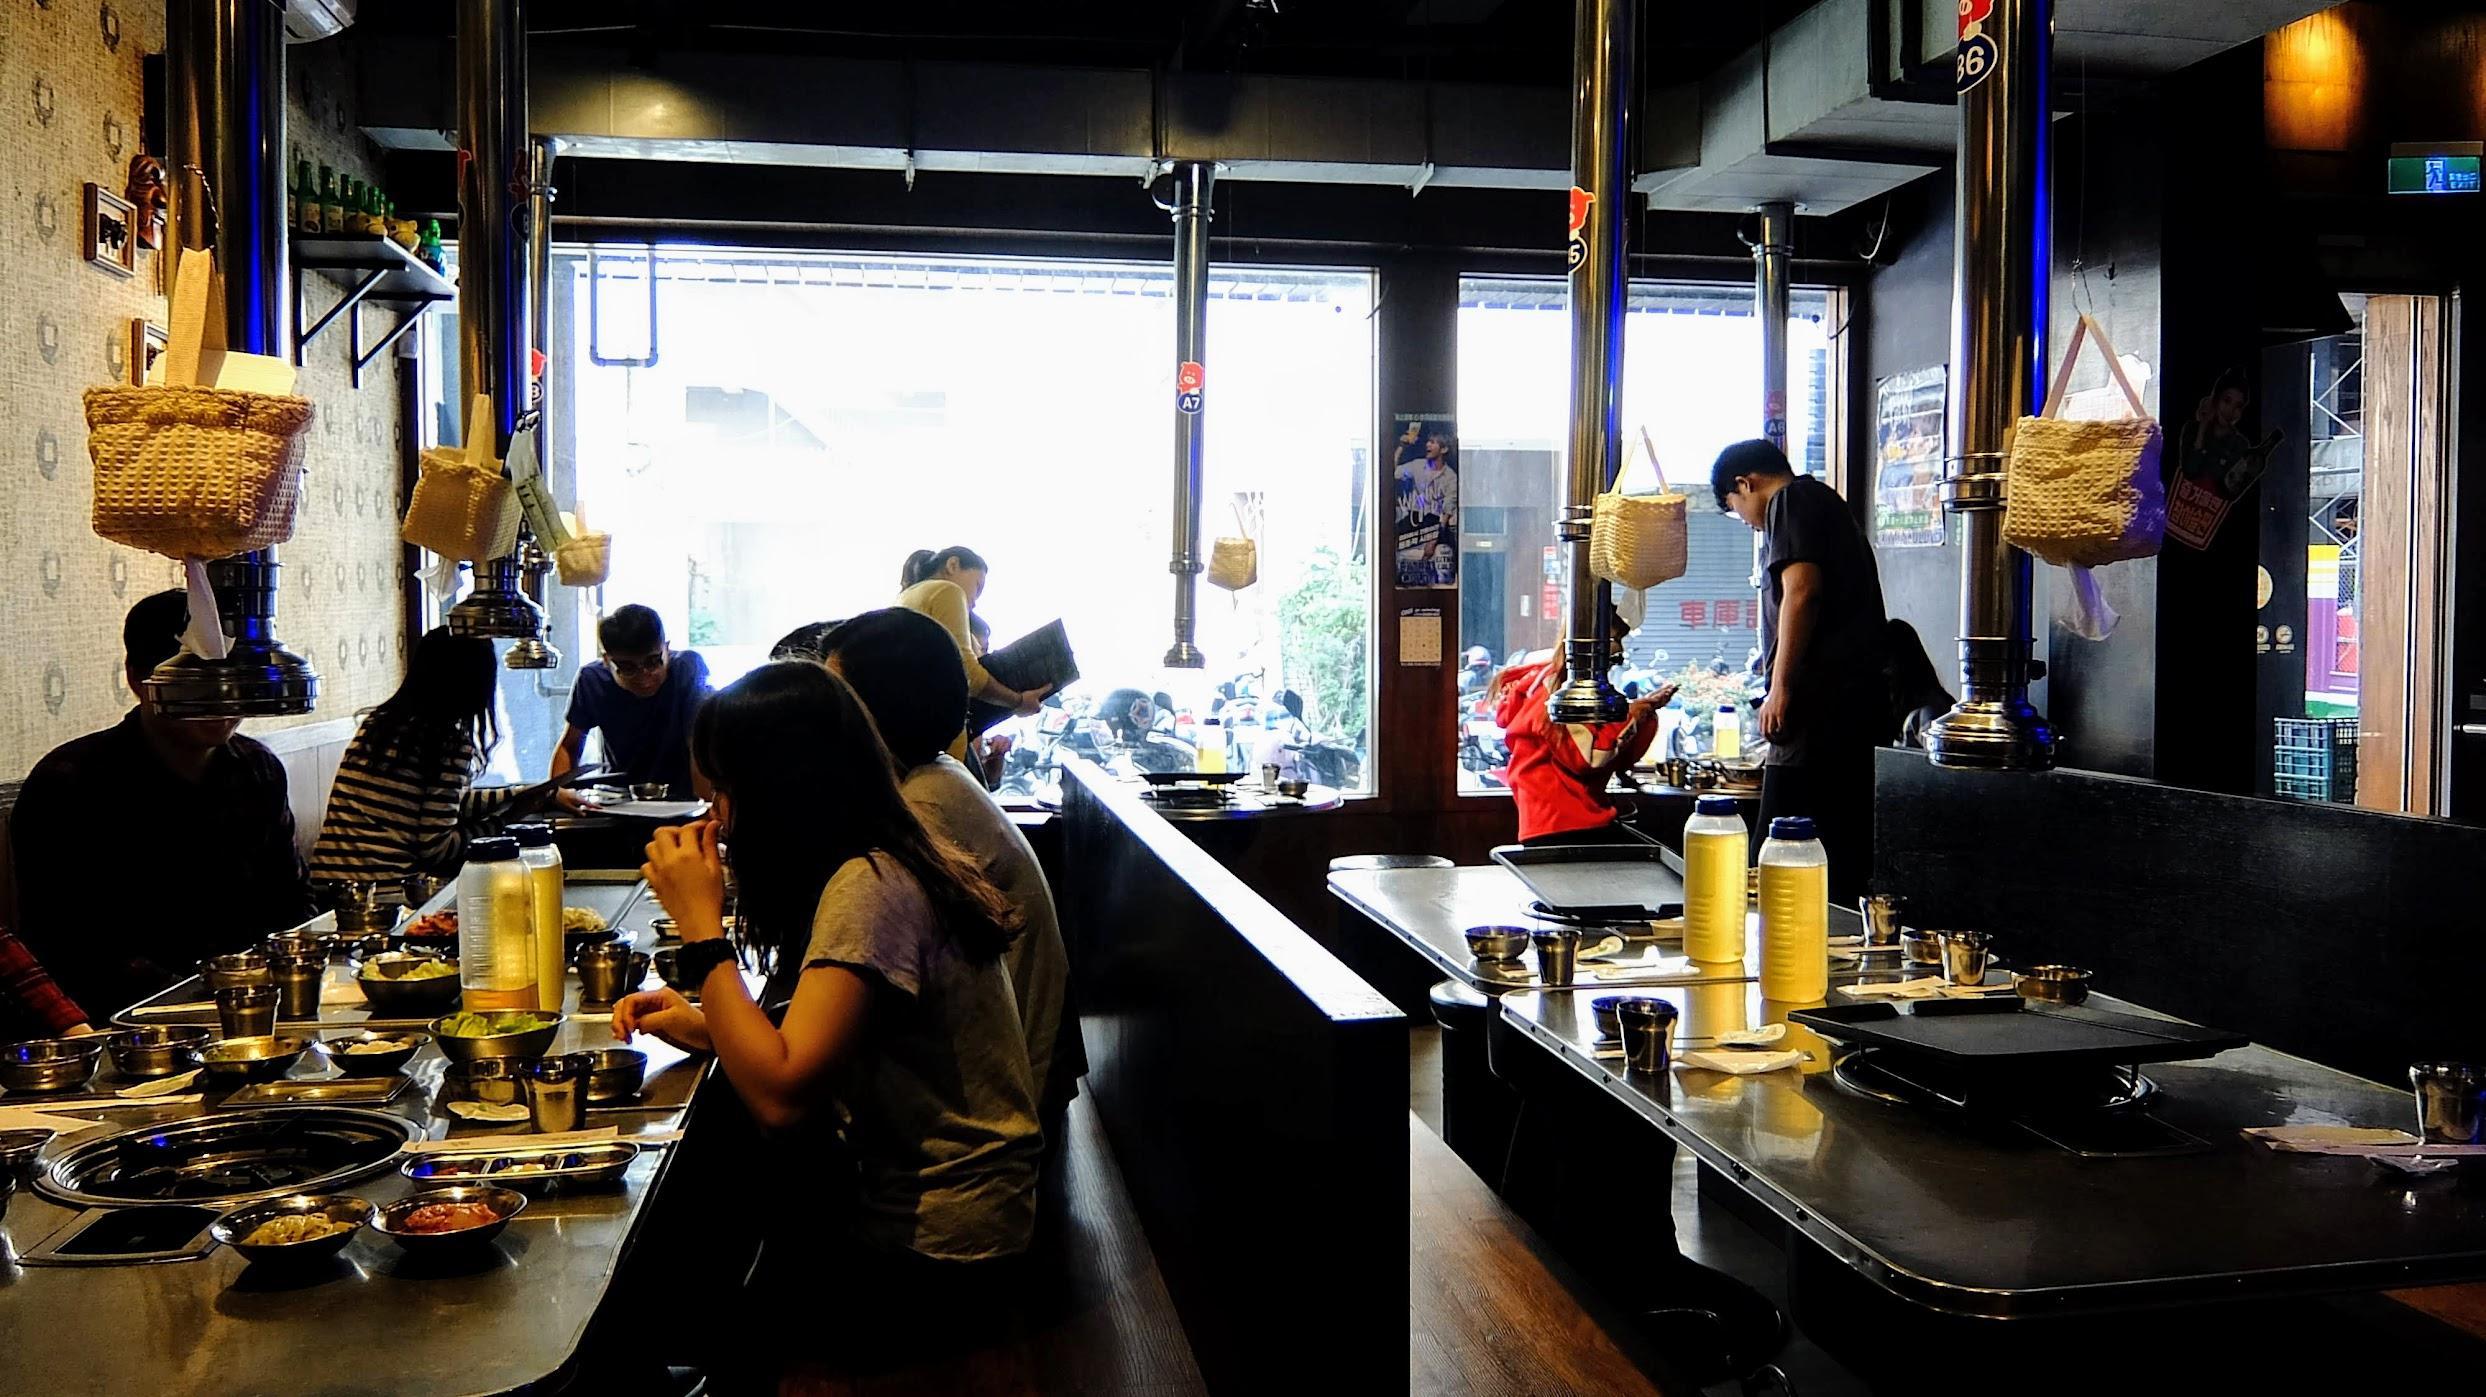 餐廳內一景,這是剛開始營業時候,立刻就有一堆訂位的客人坐滿